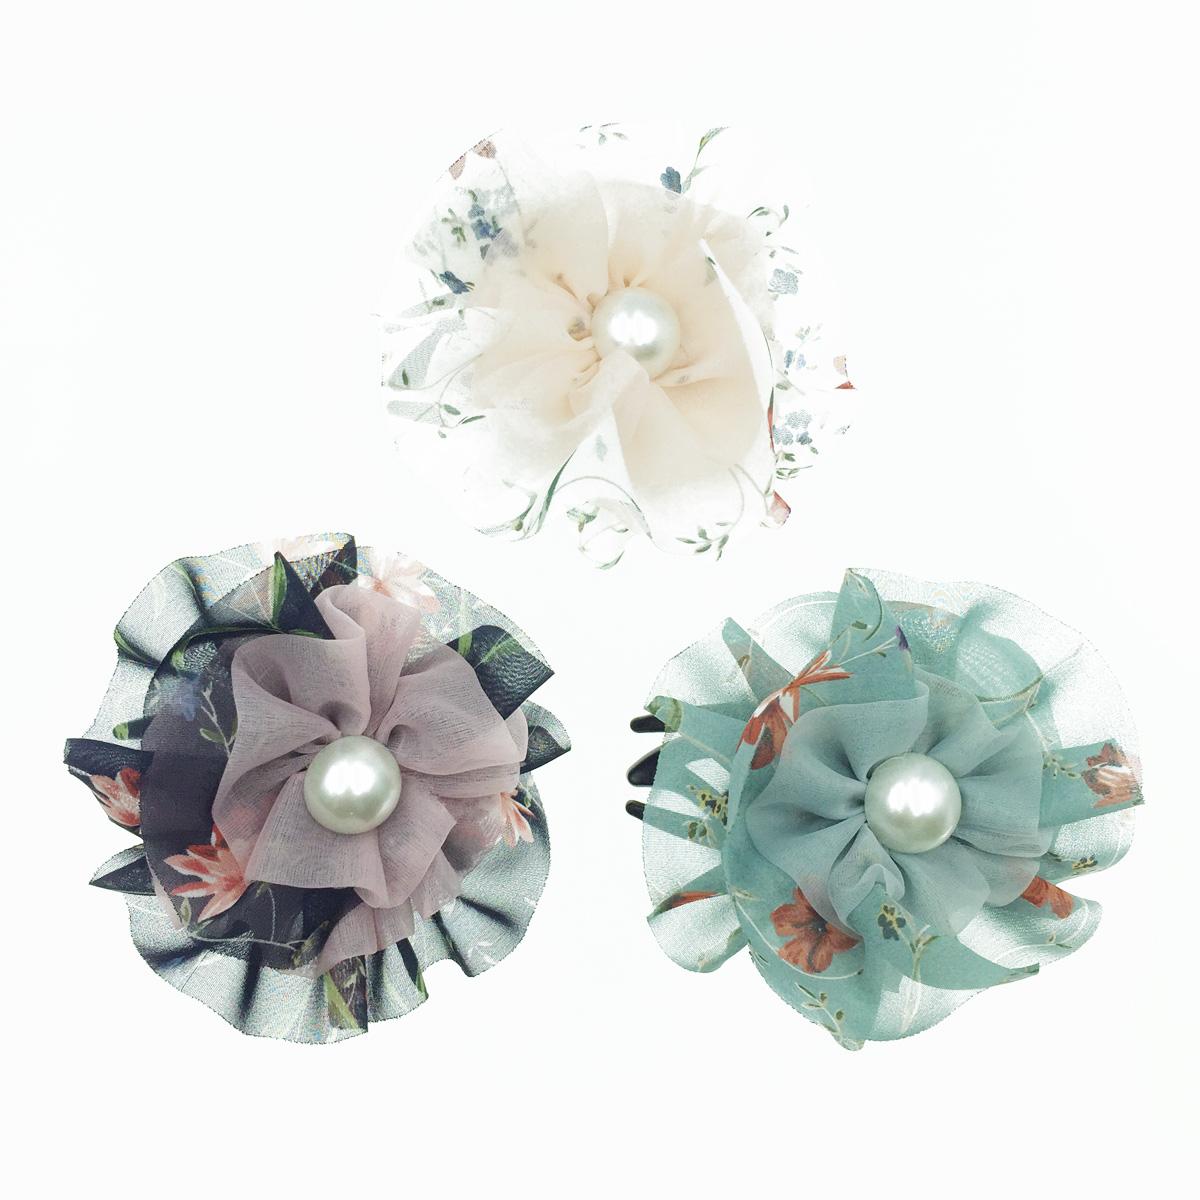 韓國 花朵 碎花 珍珠 絲質 透光 氣質 燕尾夾